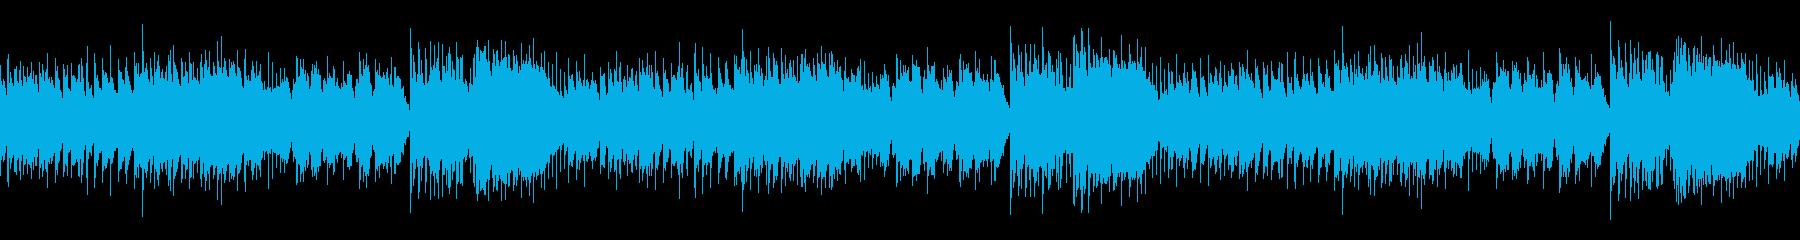 アコーディオンのたのしいポップなループの再生済みの波形